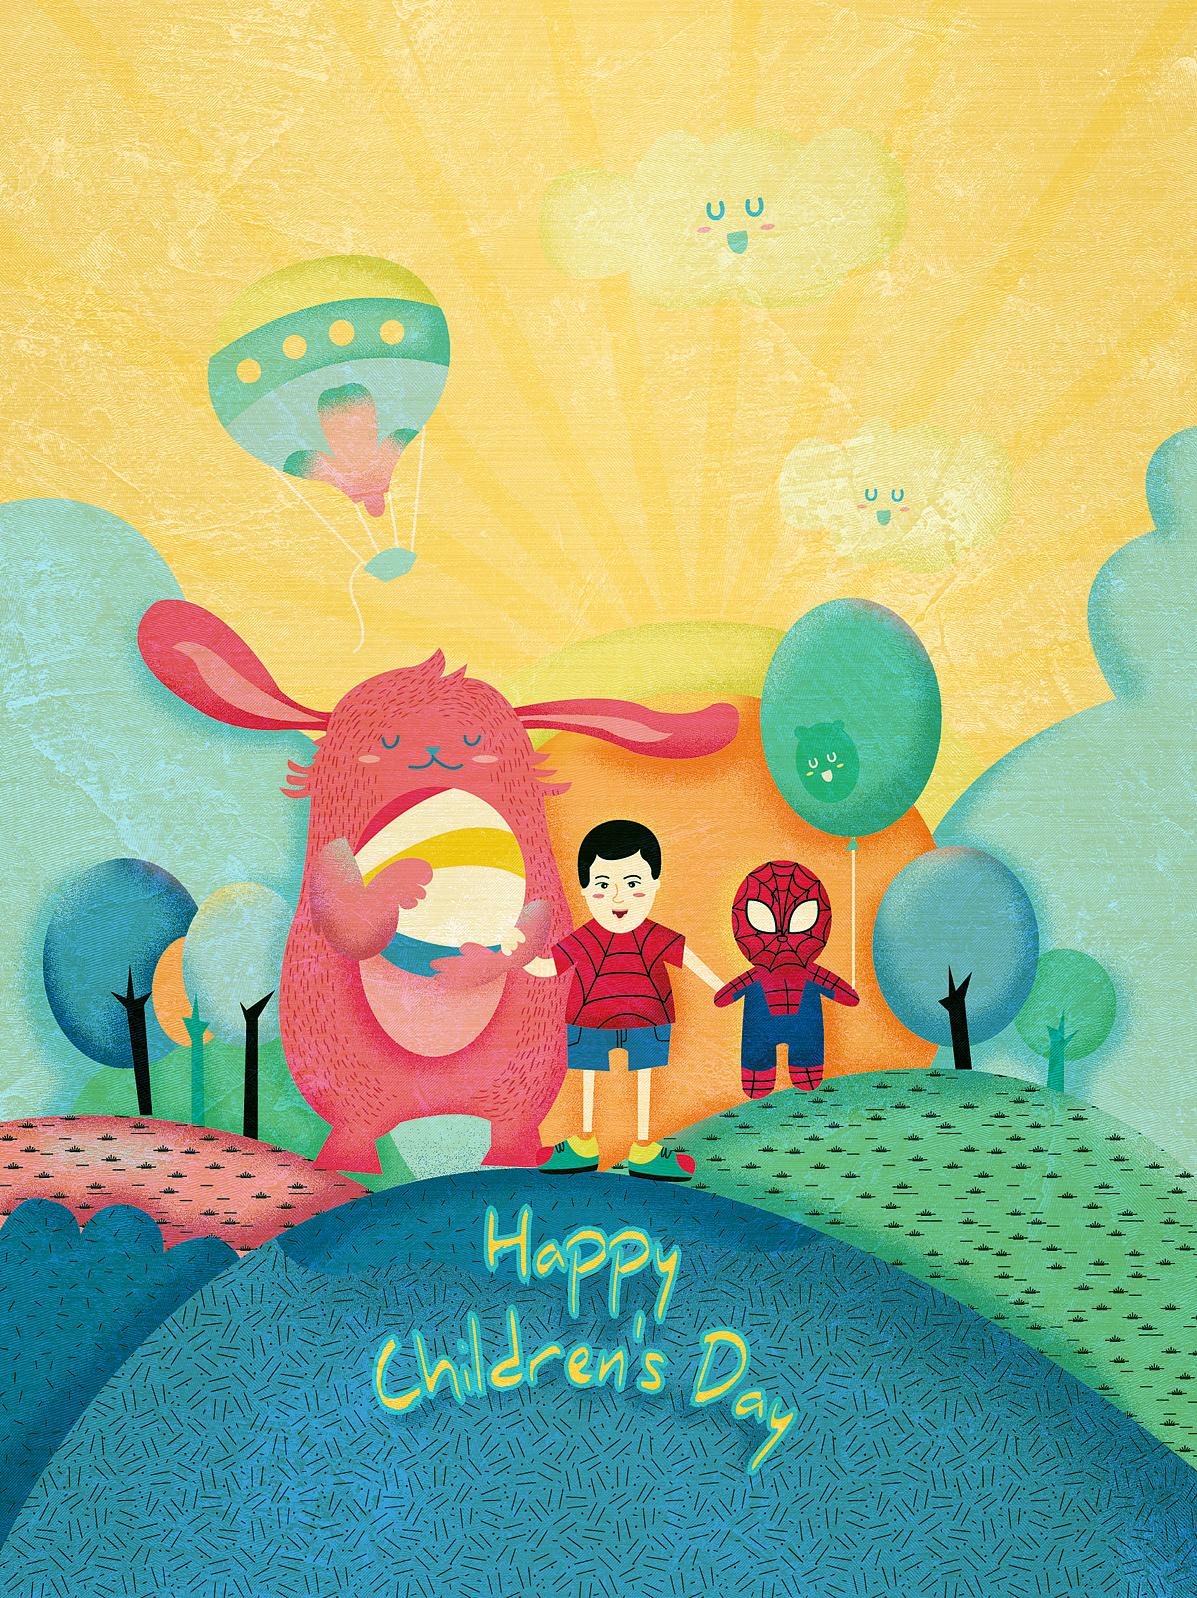 六一儿童节卡通节日插画